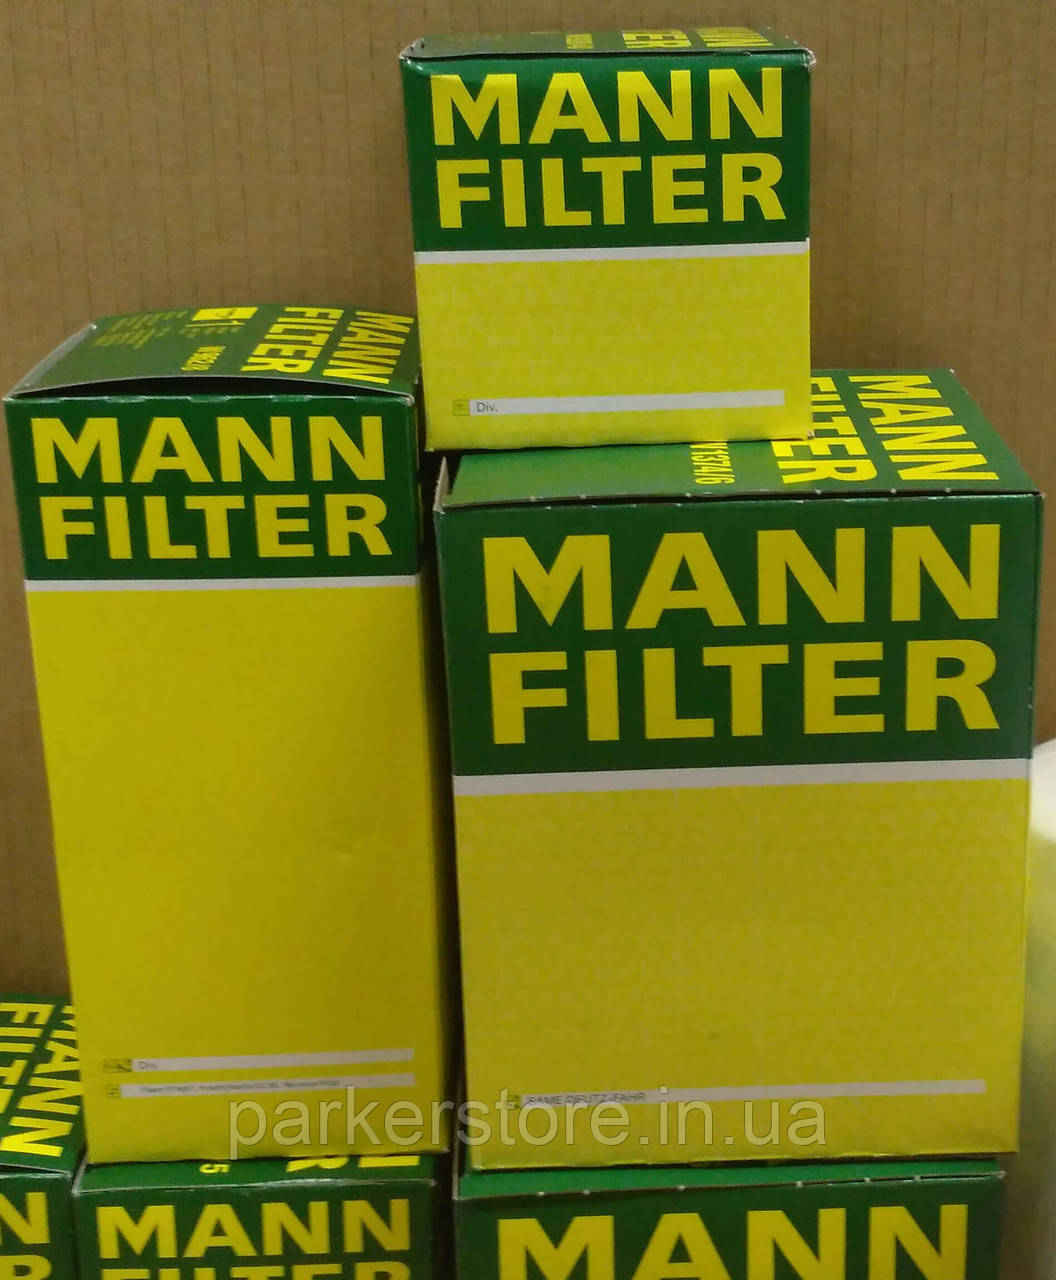 MANN FILTER / Повітряний фільтр / C 30 1345 / C301345